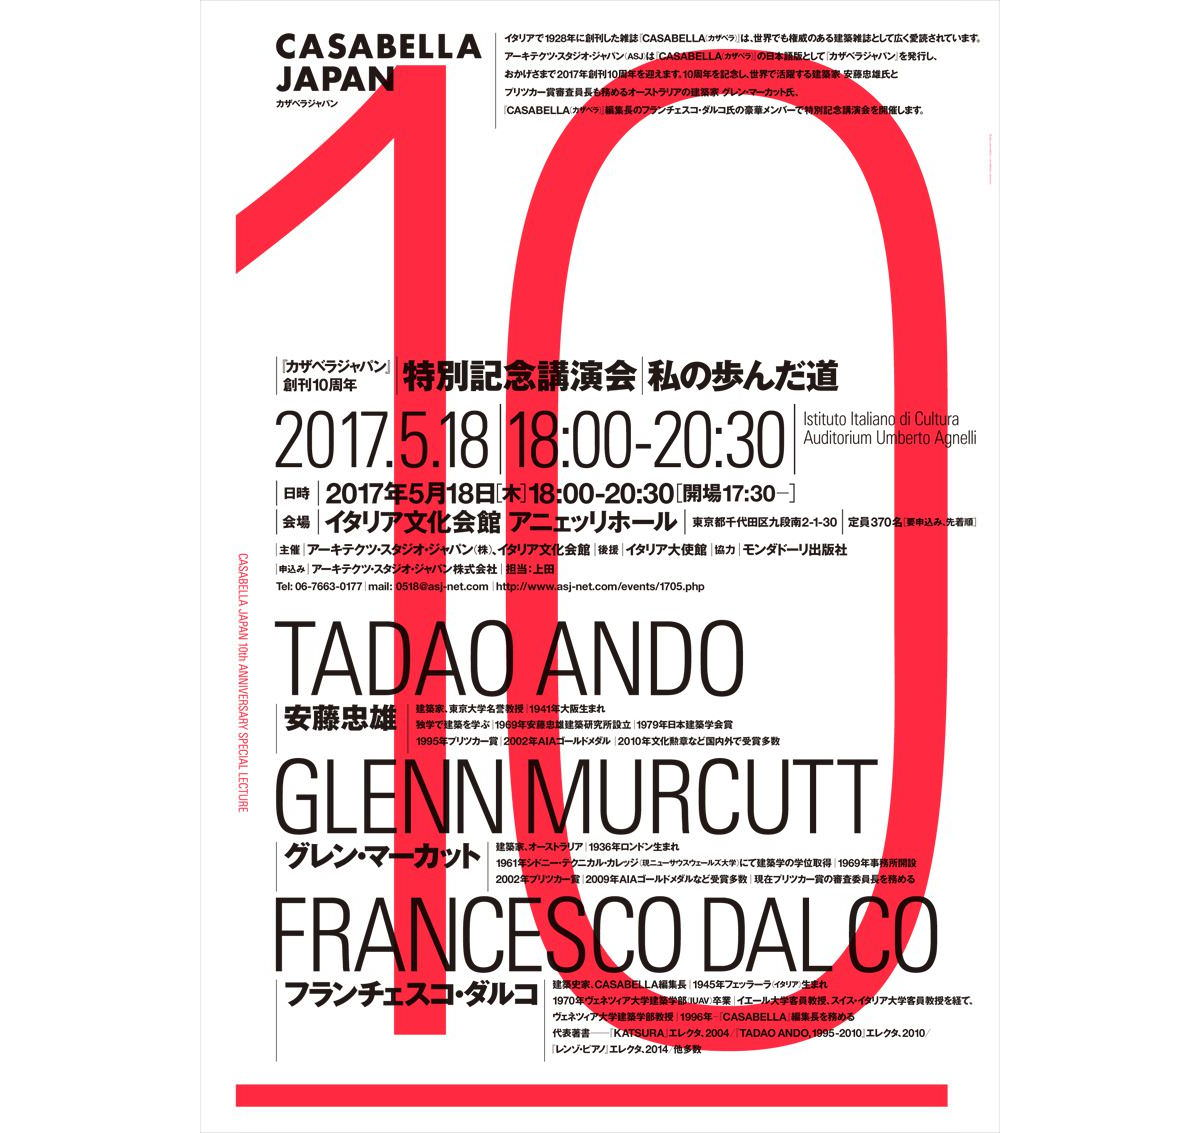 Il mio percorso di Tadao Ando e Glenn Murcutt con Francesco Dal Co